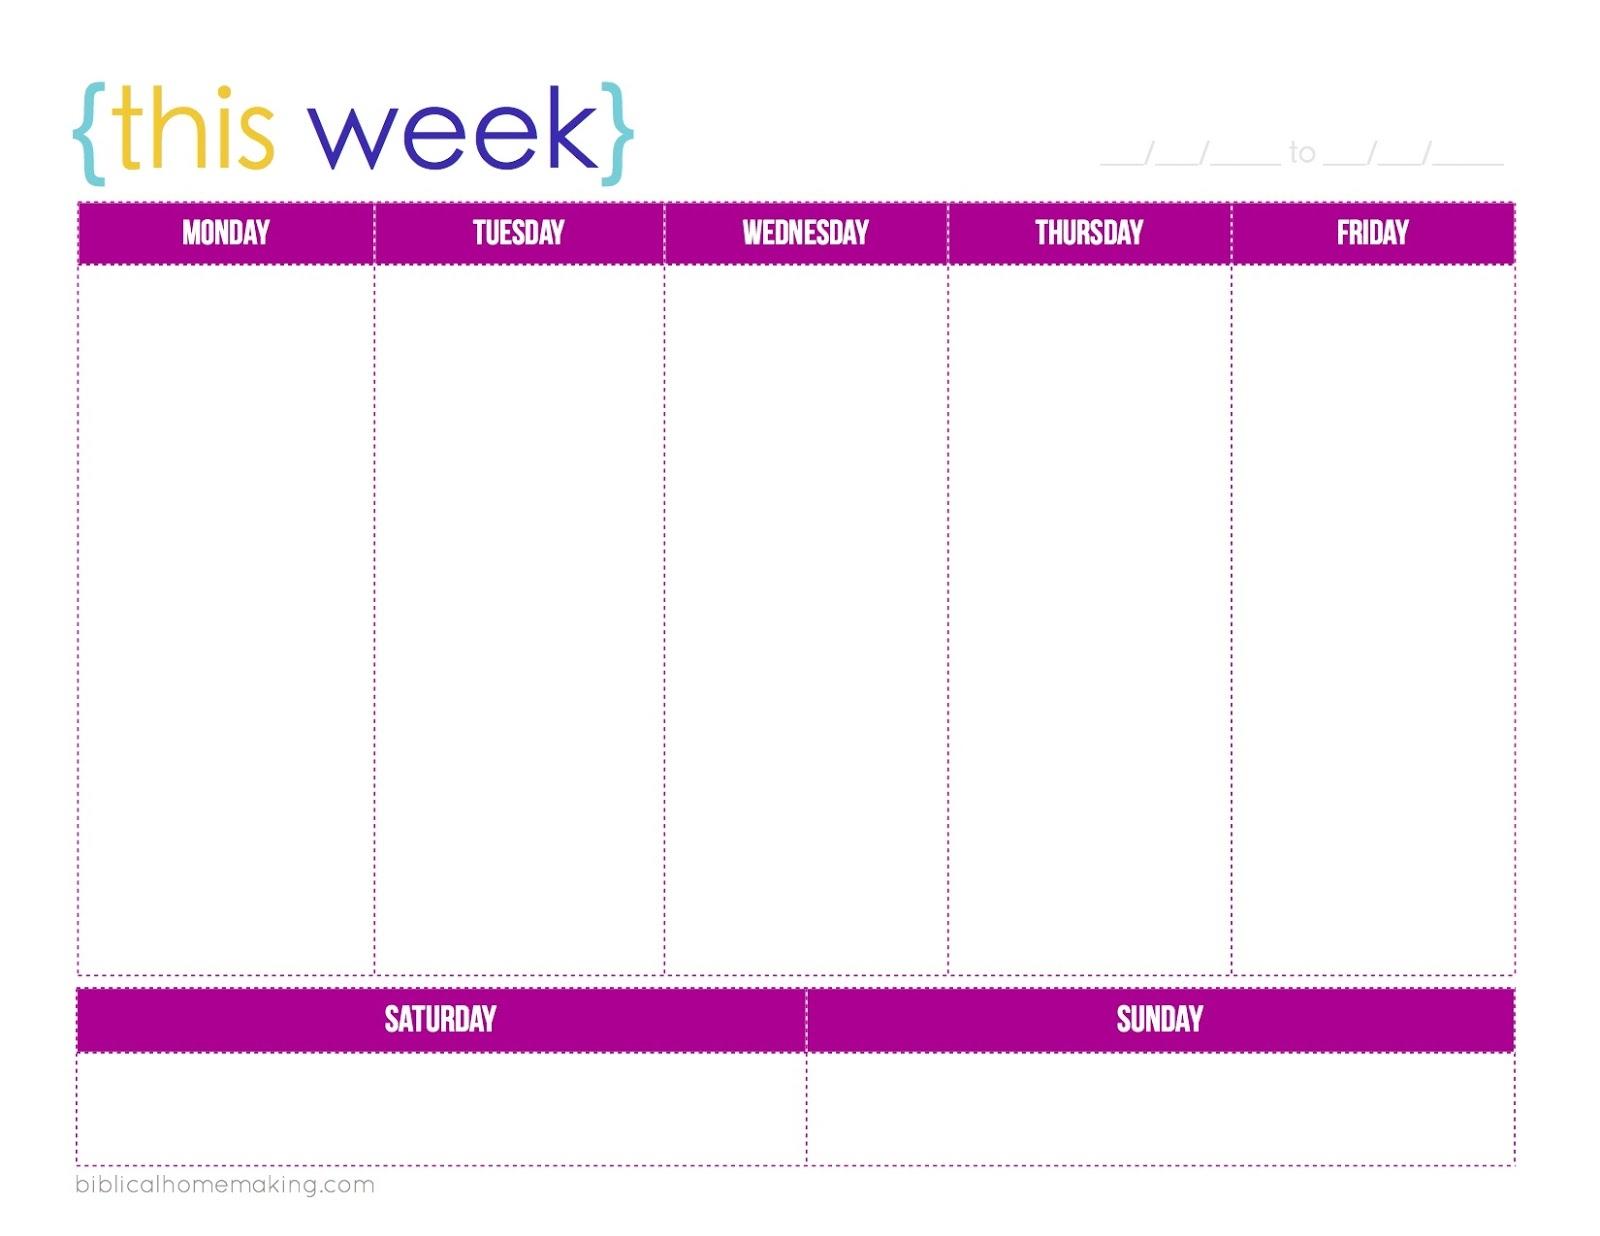 this week a free weekly planner printable biblical homemaking Cute Printable Daily Planner 2018 erdferdf